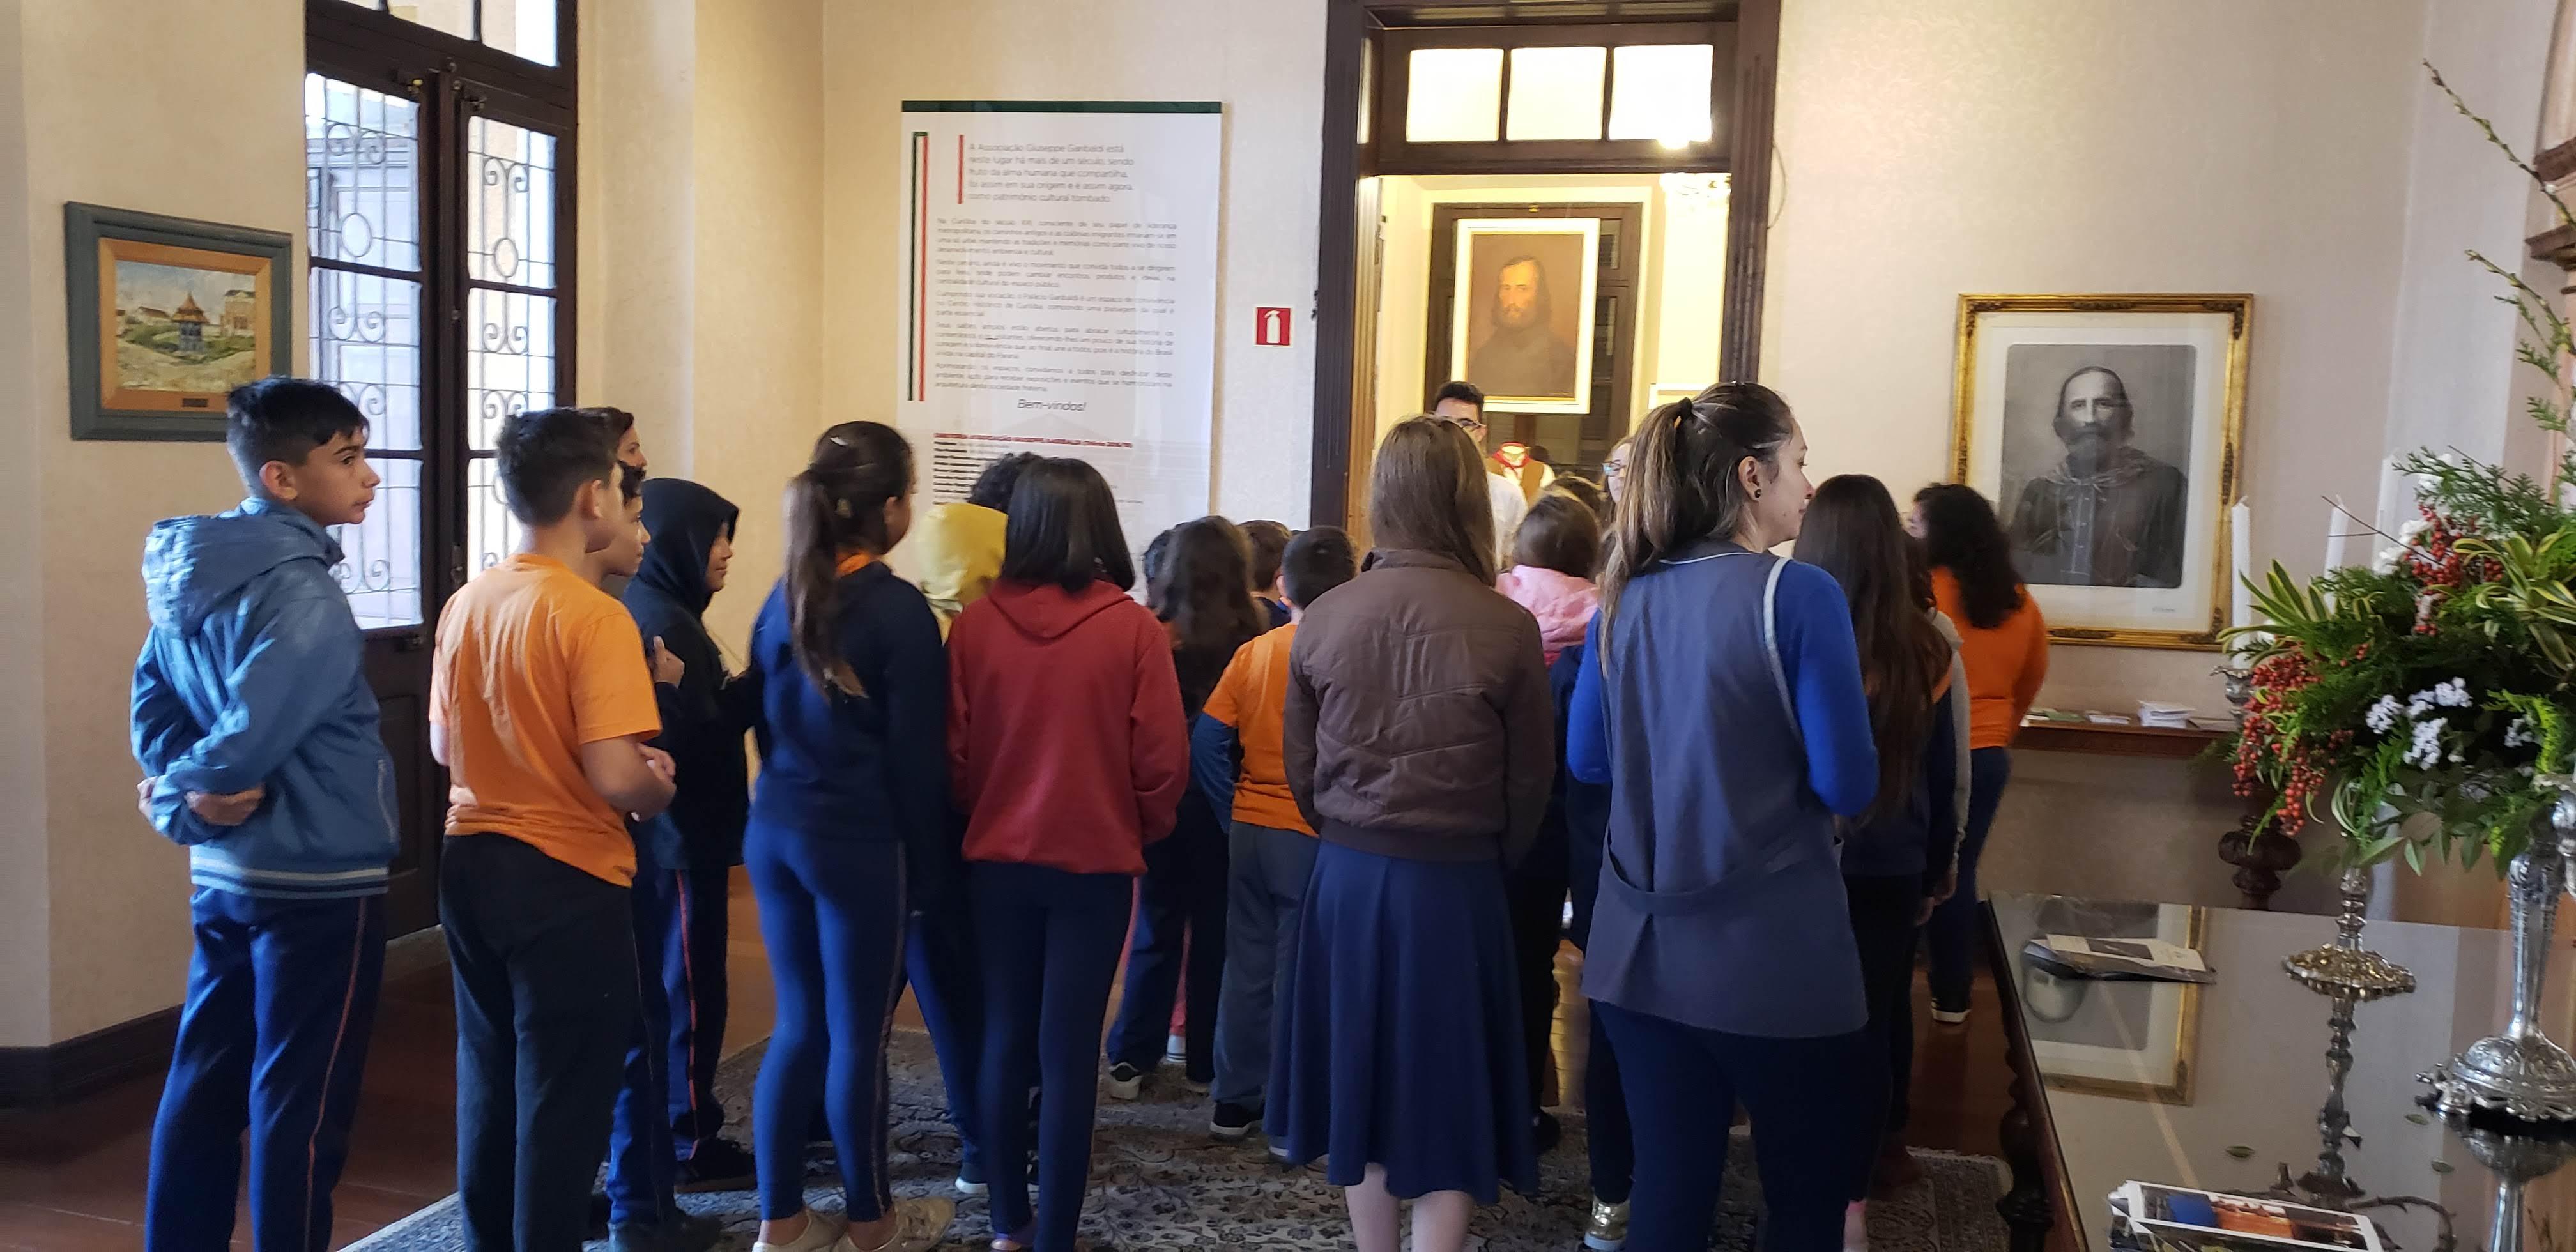 CEI EM Júlio Moreira - 1ª Festa da Itália